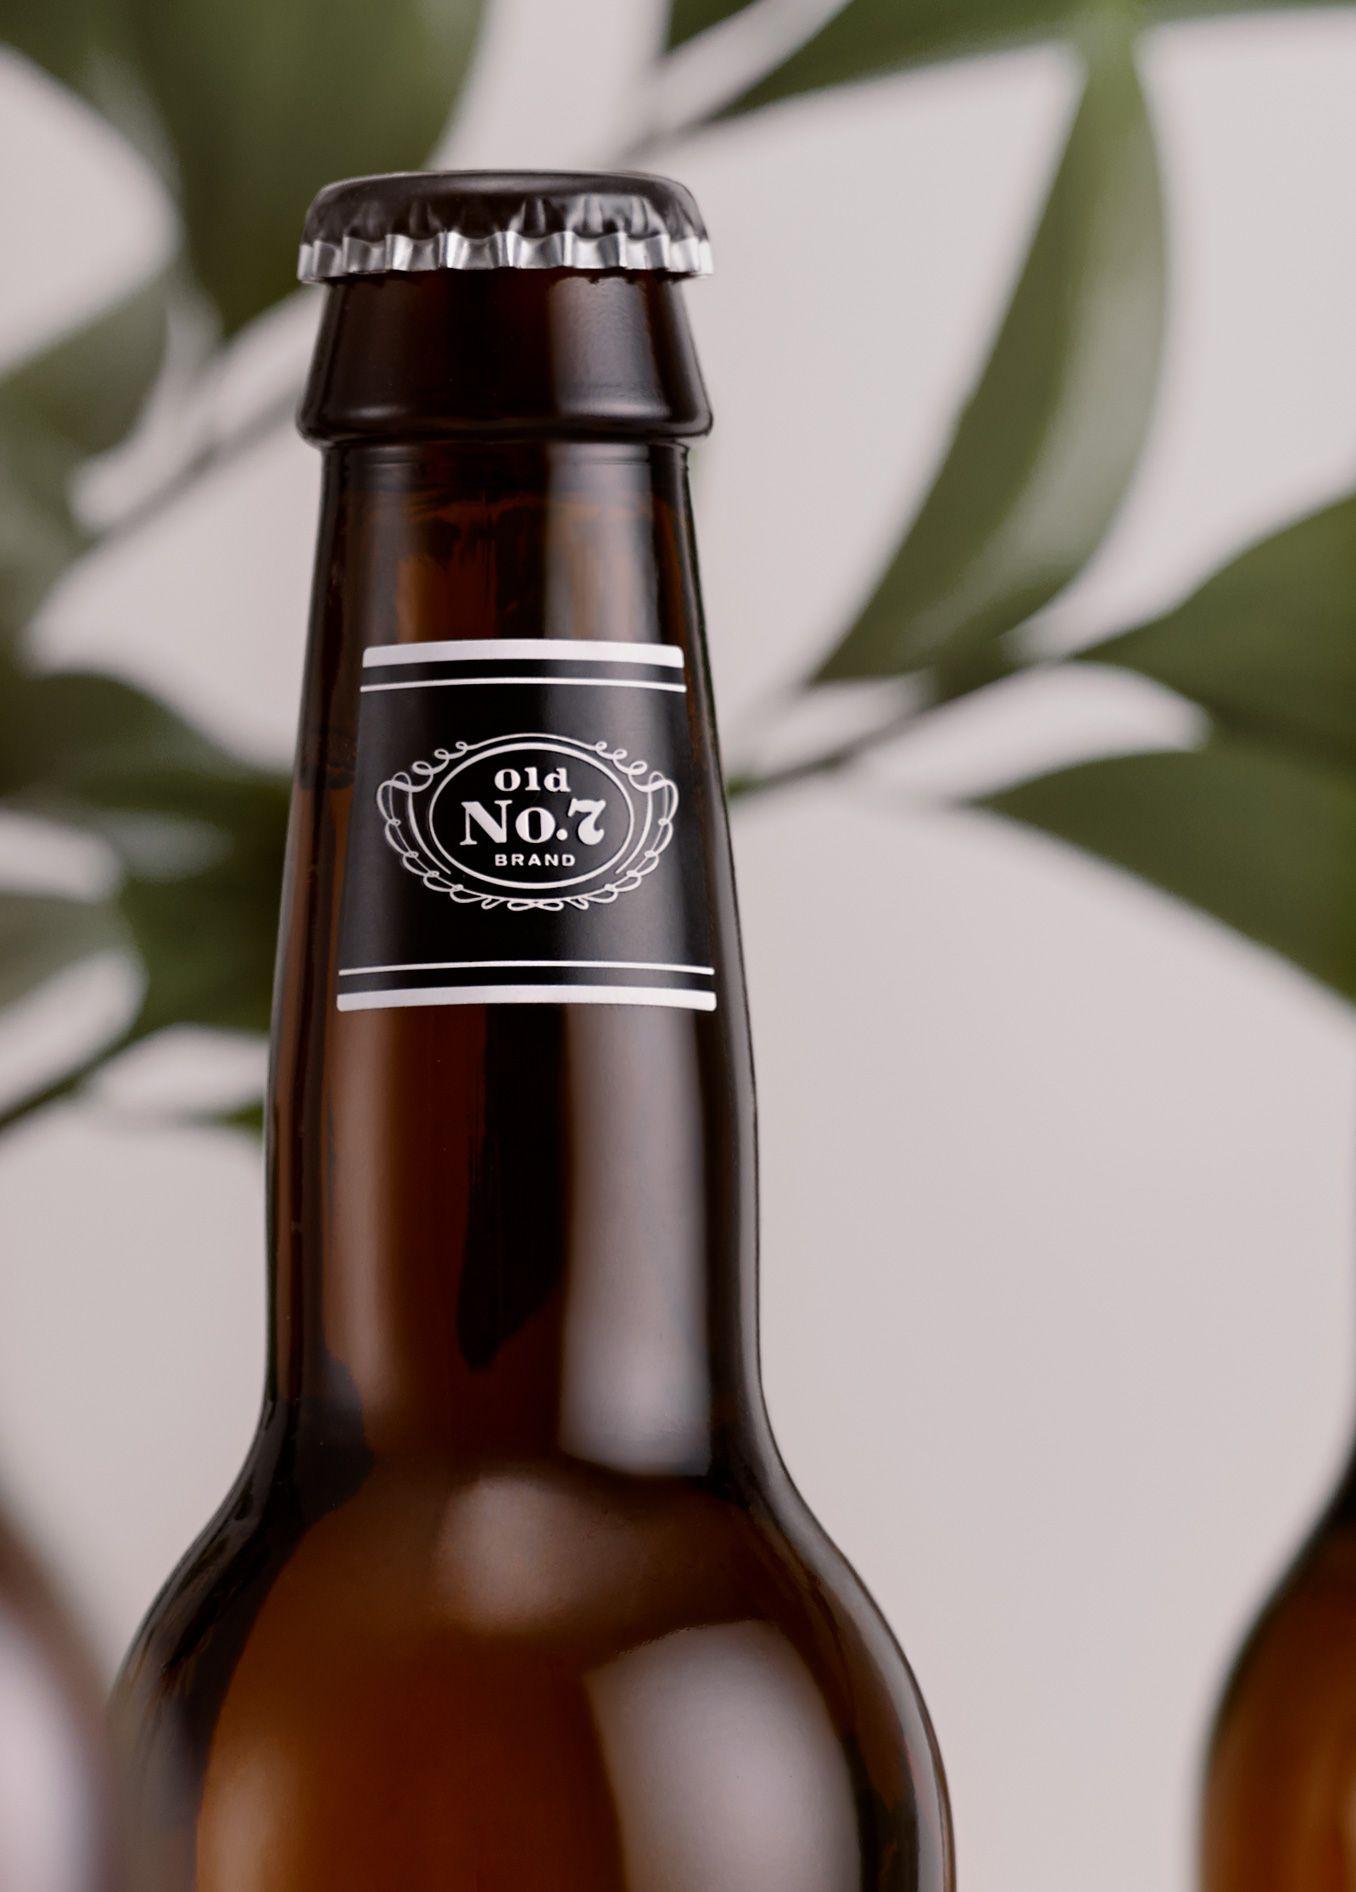 Jack Daniel's / Design / Branding / Tennessee Cider / Orchard / Cider / Hard Cider / Apple / Whiskey / Bottle Neck / Old No.7 / Barrel / Woodcut / Black & White